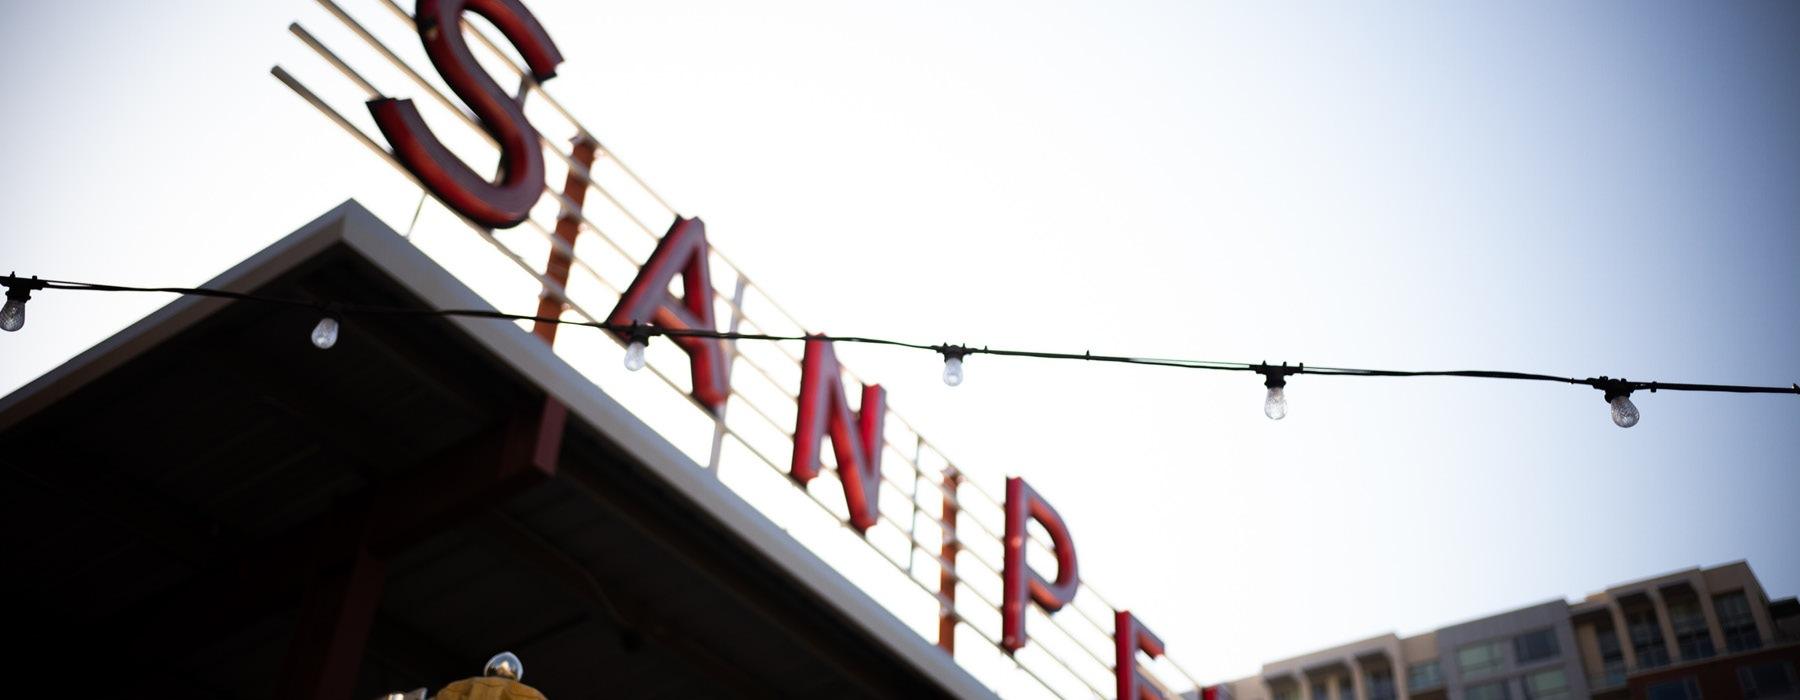 San Pedro Square Market sign